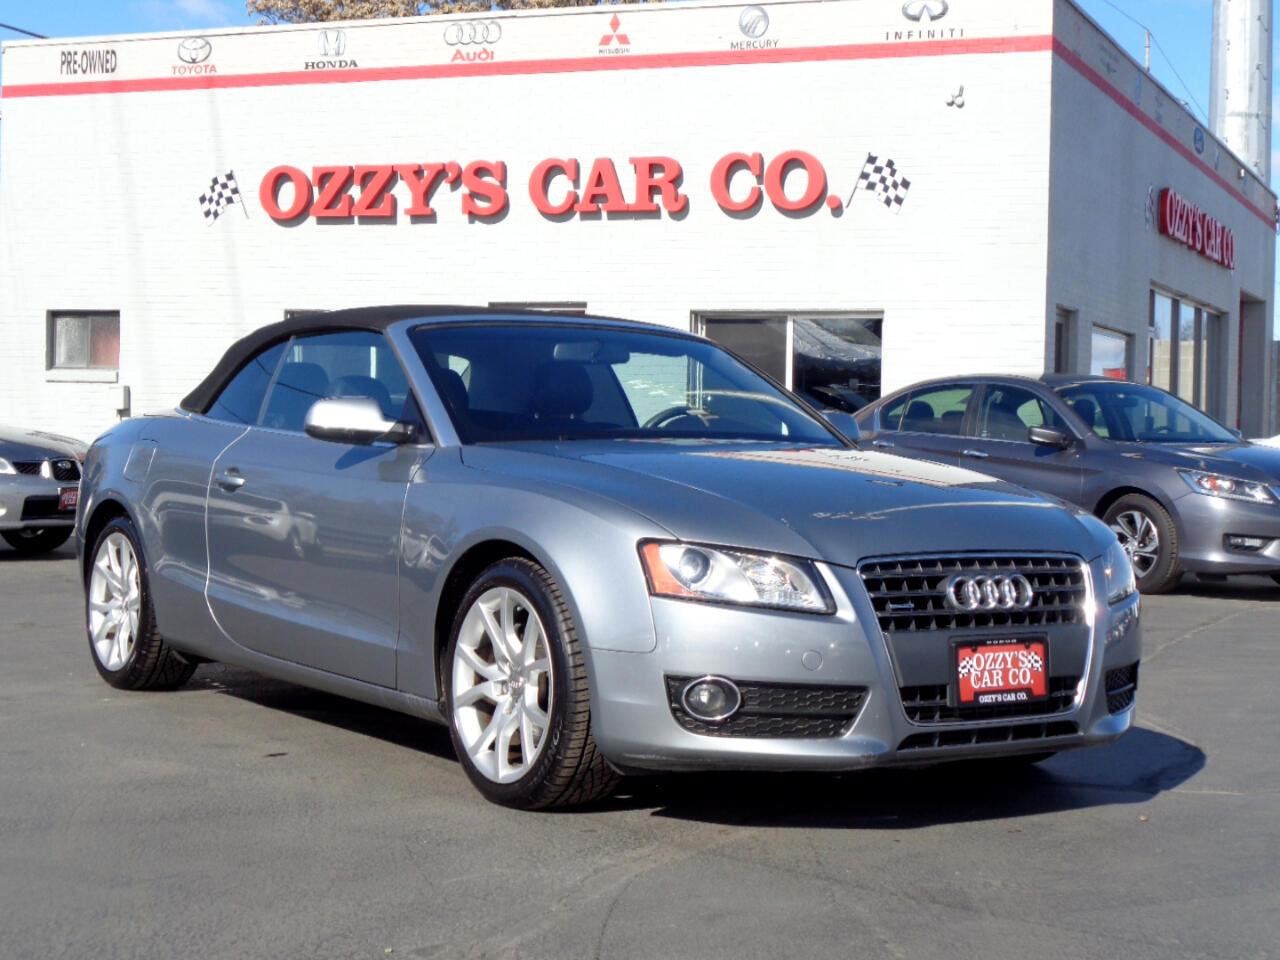 2010 Audi A5 2dr Cabriolet Auto quattro Premium